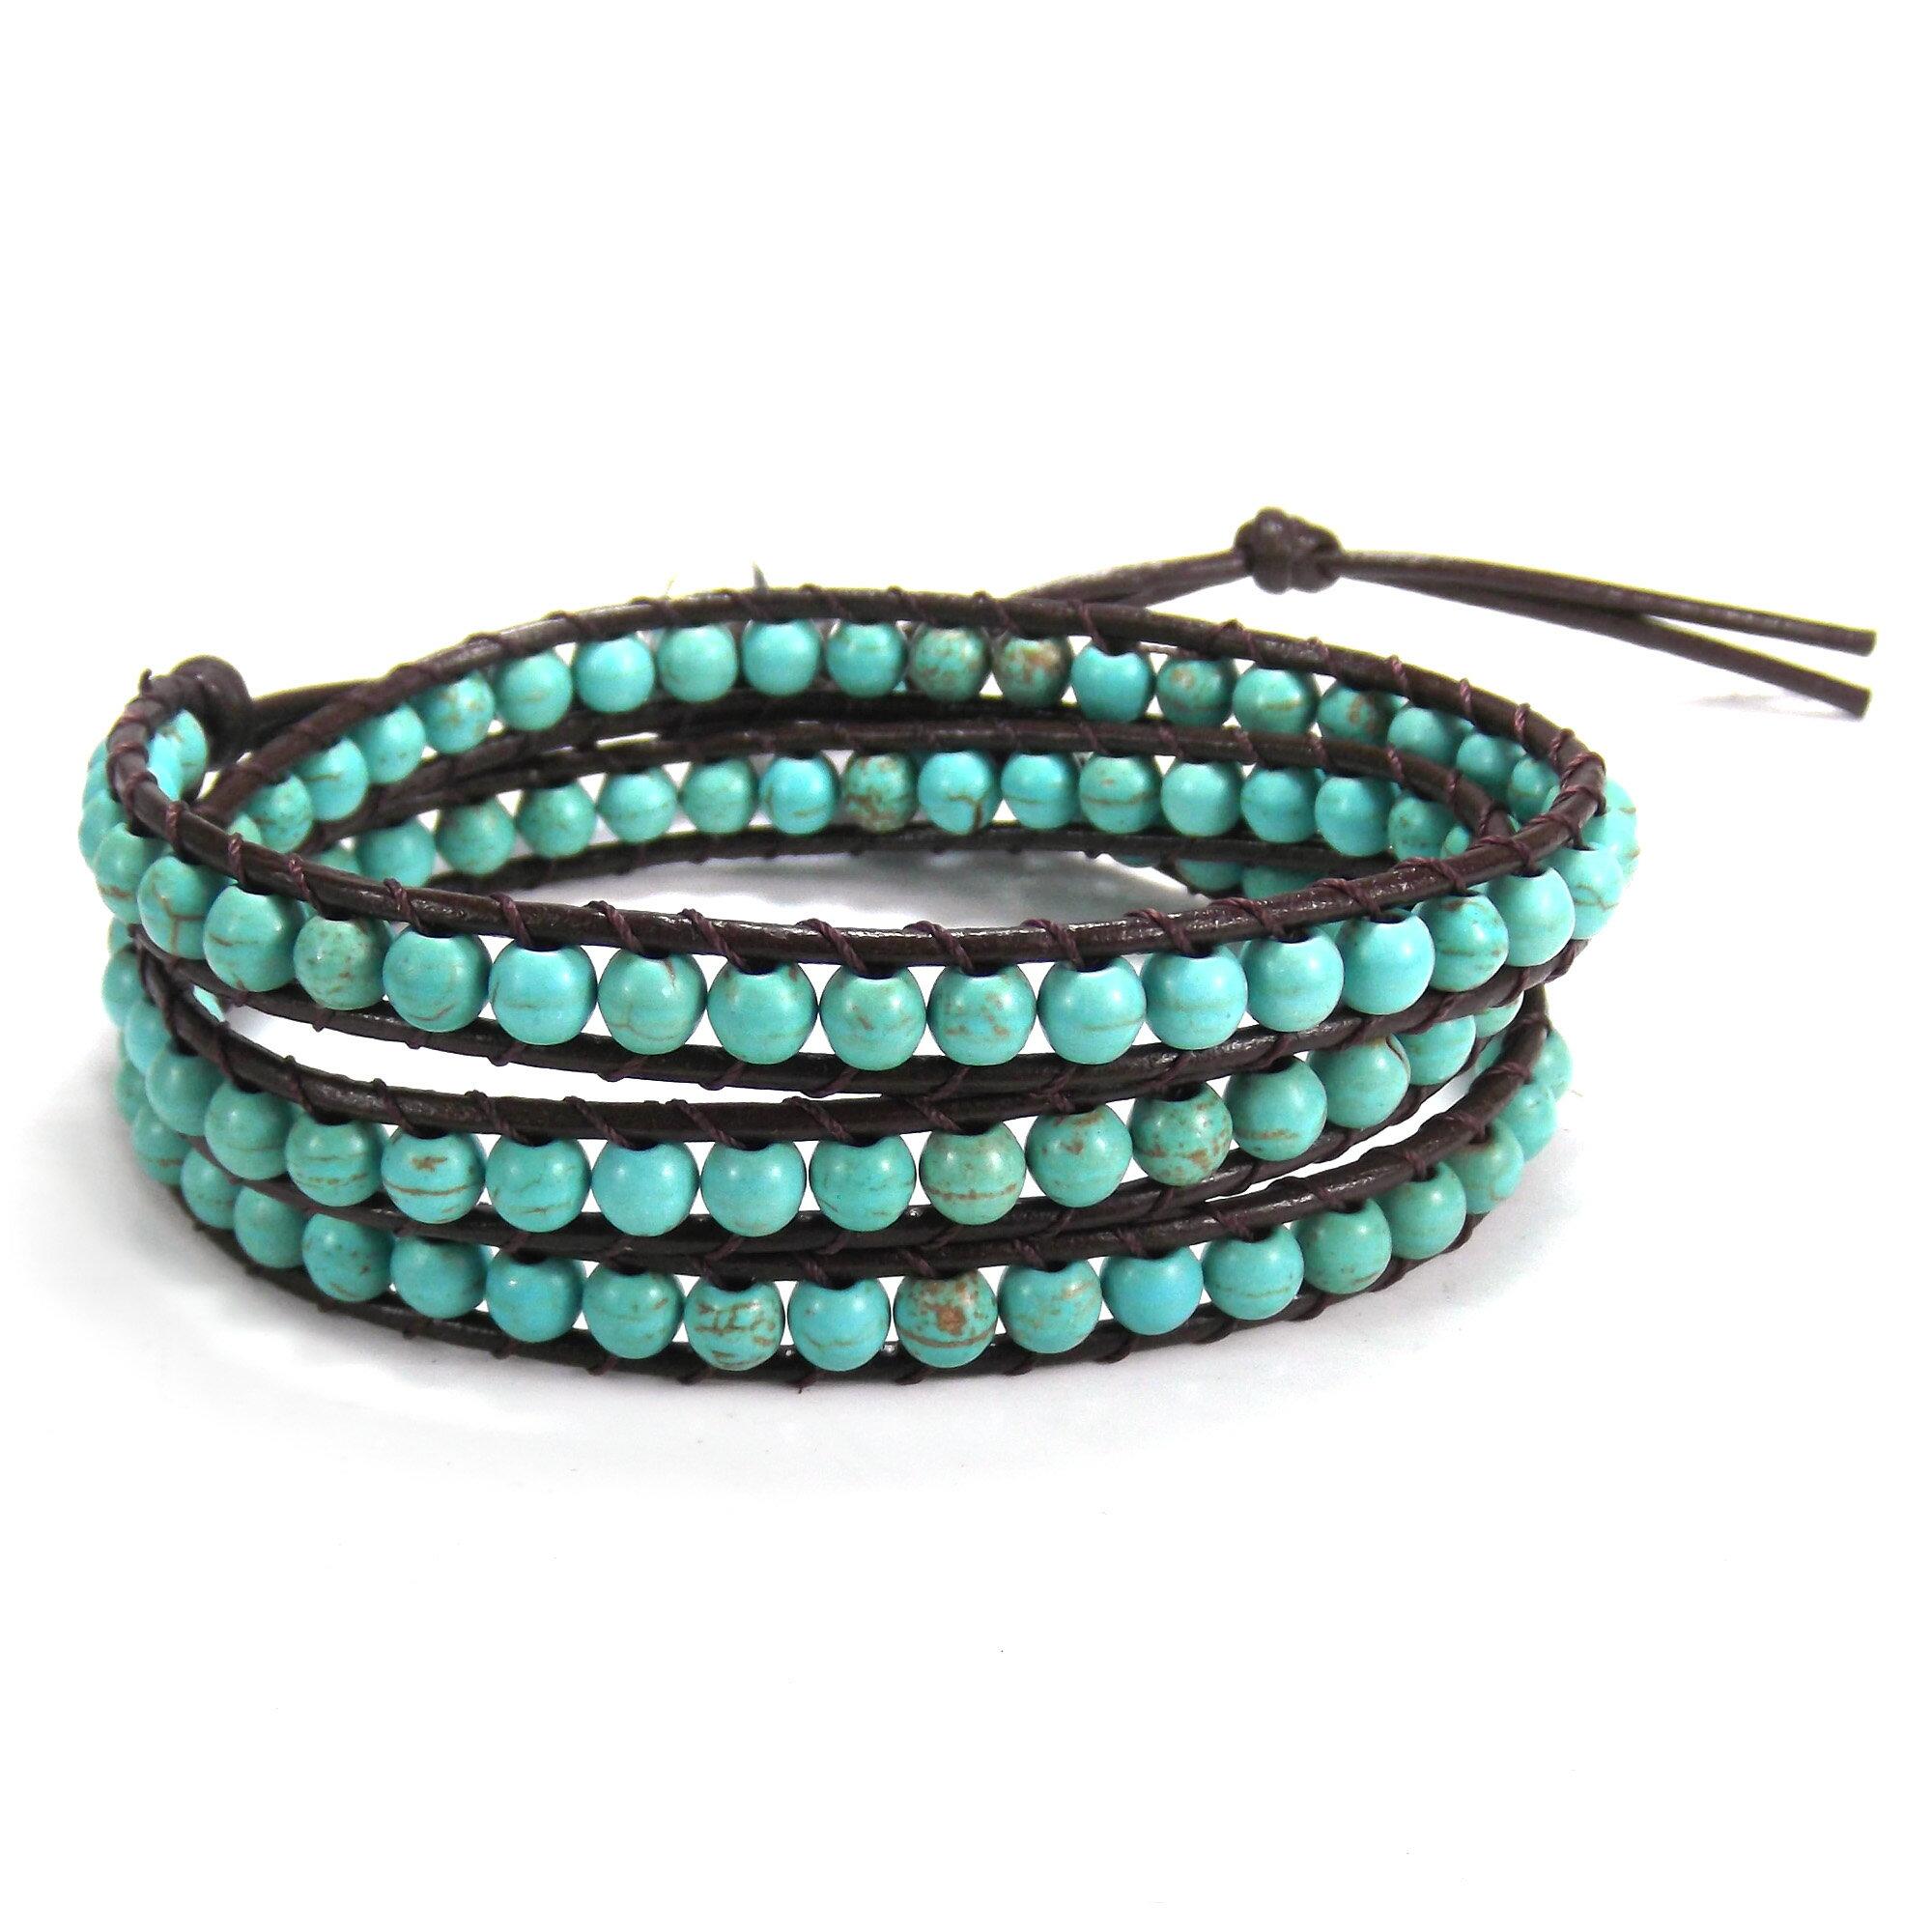 Blue Muse Turquoise Gemstone Tribal Wrap Leather Bracelet (Thailand) 0